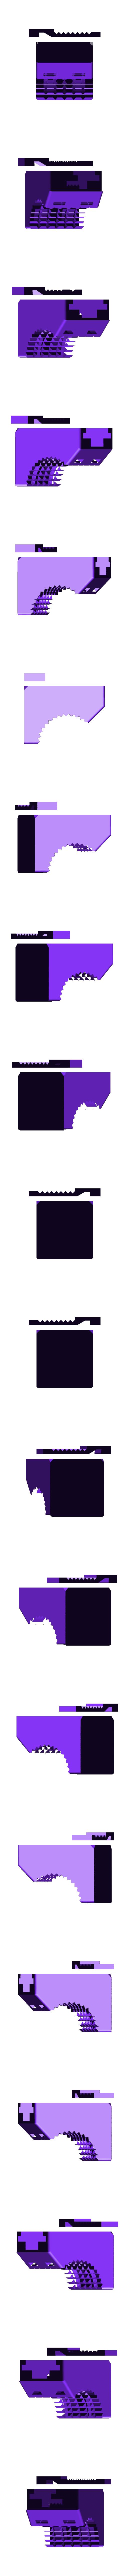 24mm_snapfit_handle_base_remix.stl Télécharger fichier STL gratuit poignée encliquetable pour montage sur barre (moletée, 22mm-34mm) • Objet imprimable en 3D, CyberCyclist